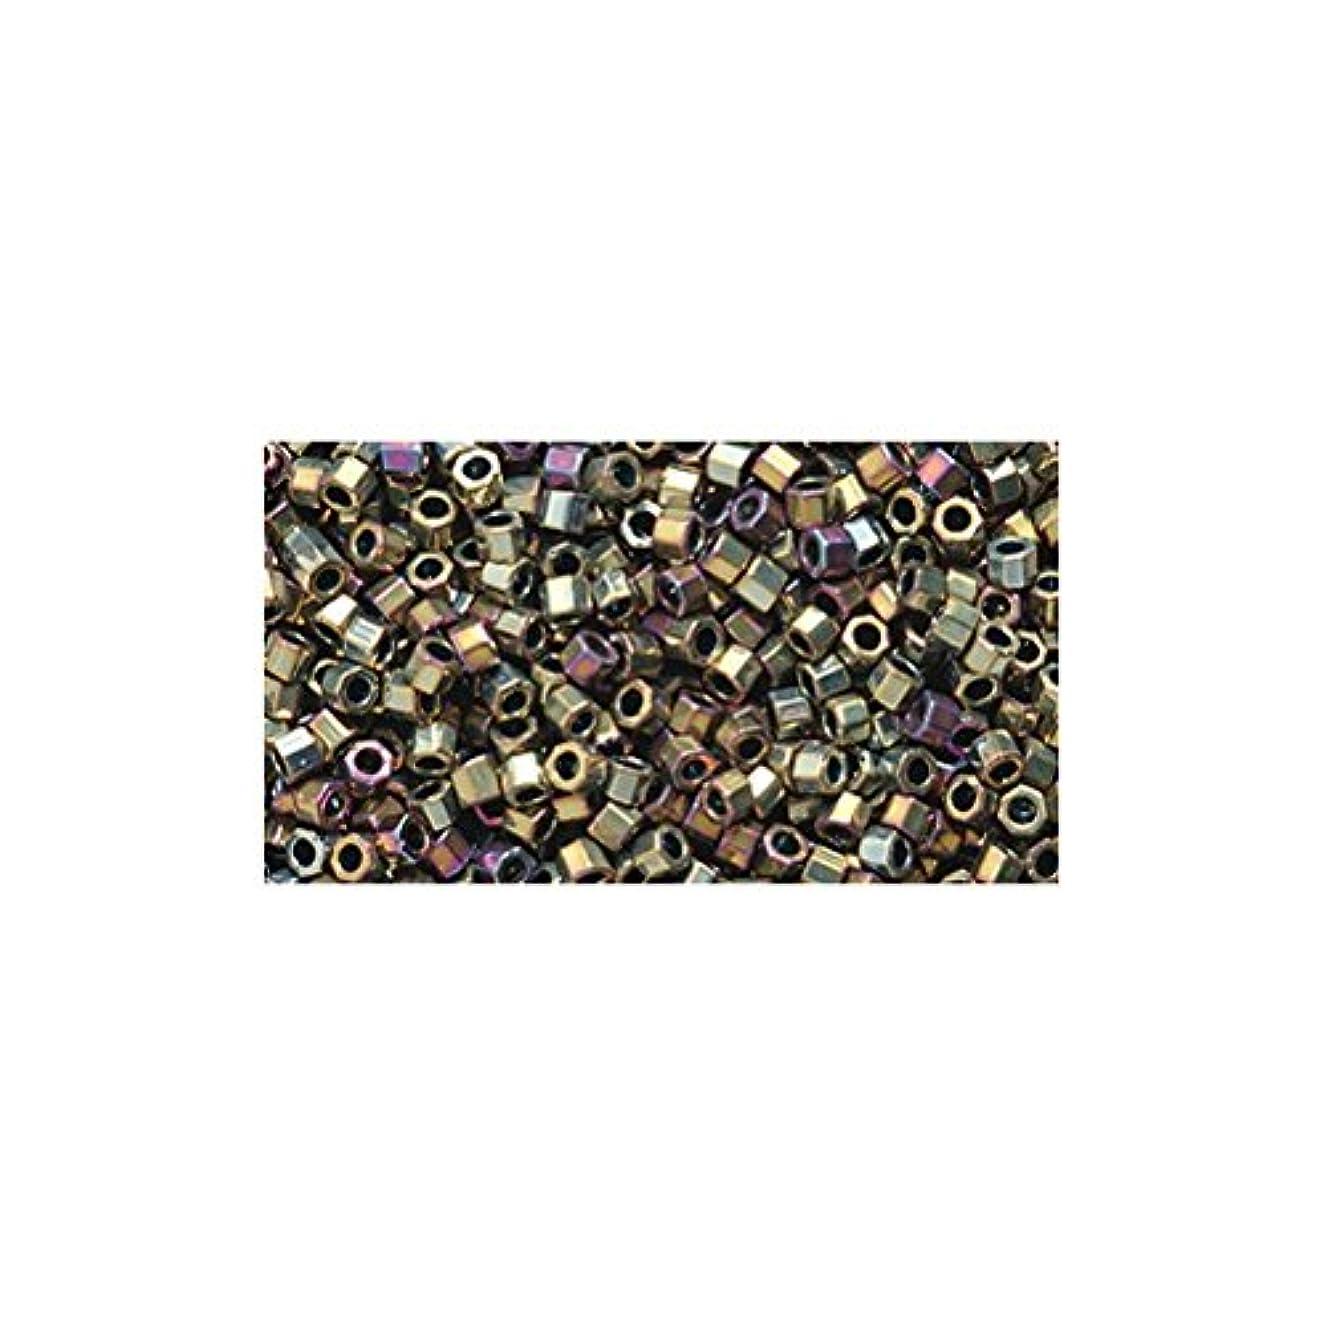 Miyuki Delica Hex Seed Bead 11/0 DBC0029, Purple Gold Iris, 9-Gram/Pack